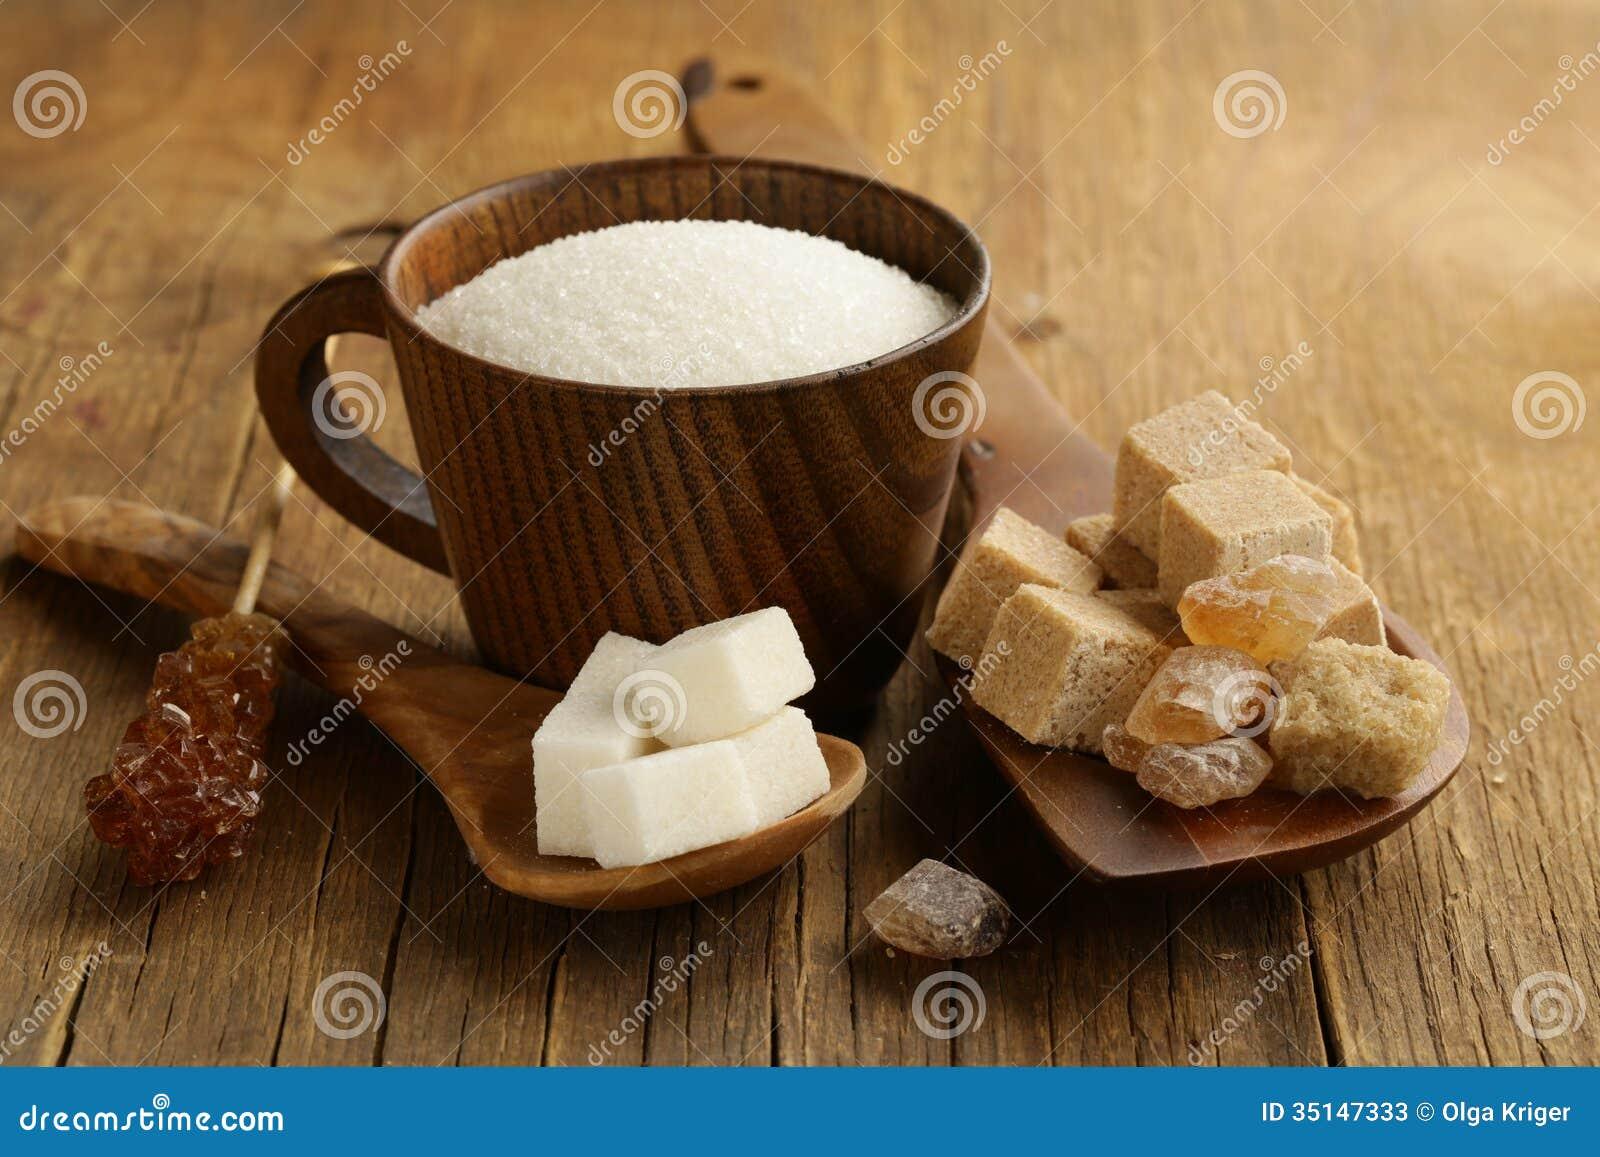 Différents genres de sucre - brun, blancs, sucre raffiné